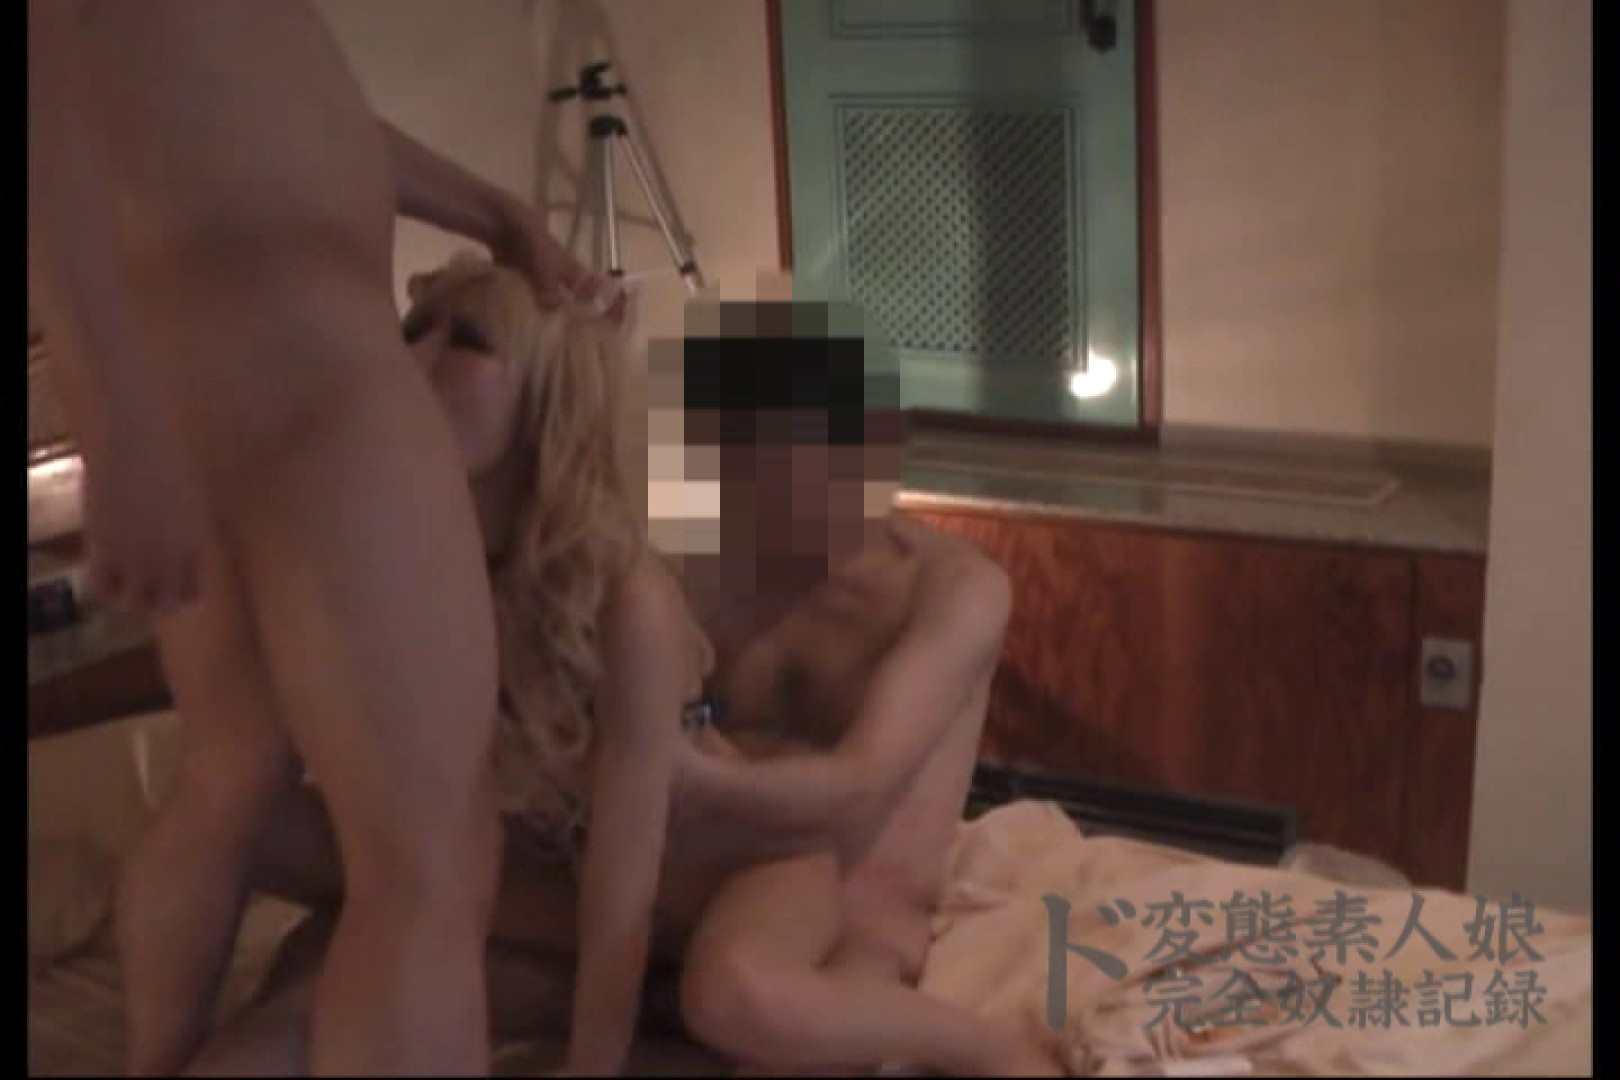 ド変態素人嬢完全奴隷記録 ~其の漆~弐 3Pシーン  80枚 55